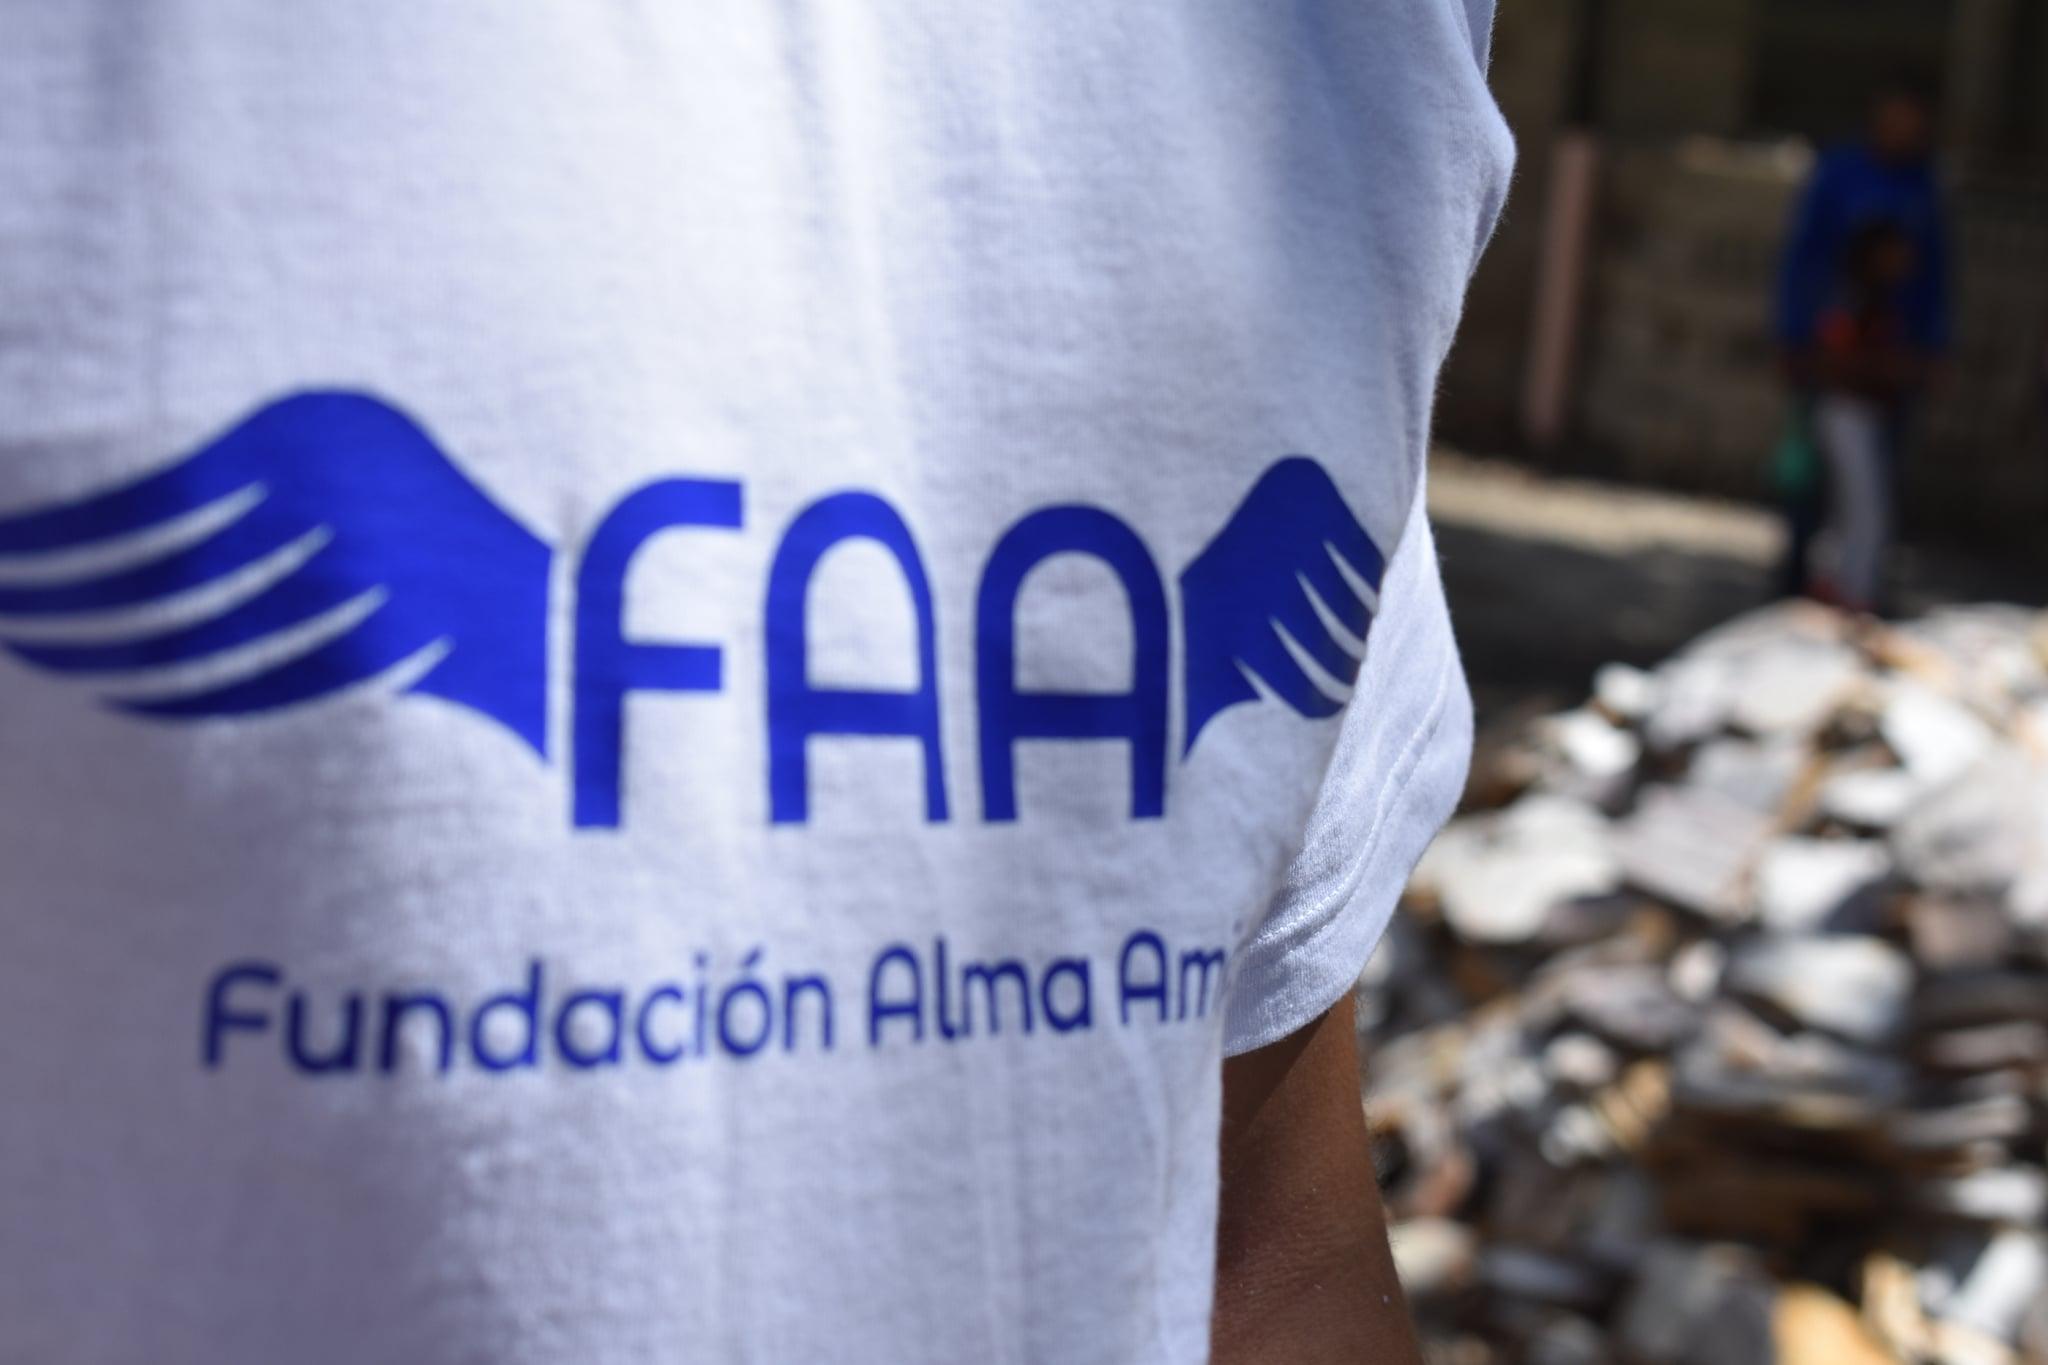 170152643 173331217951003 1618224143313248449 n - ¿Quieres saber cómo ser beneficiario de Fundación Alma Amiga?